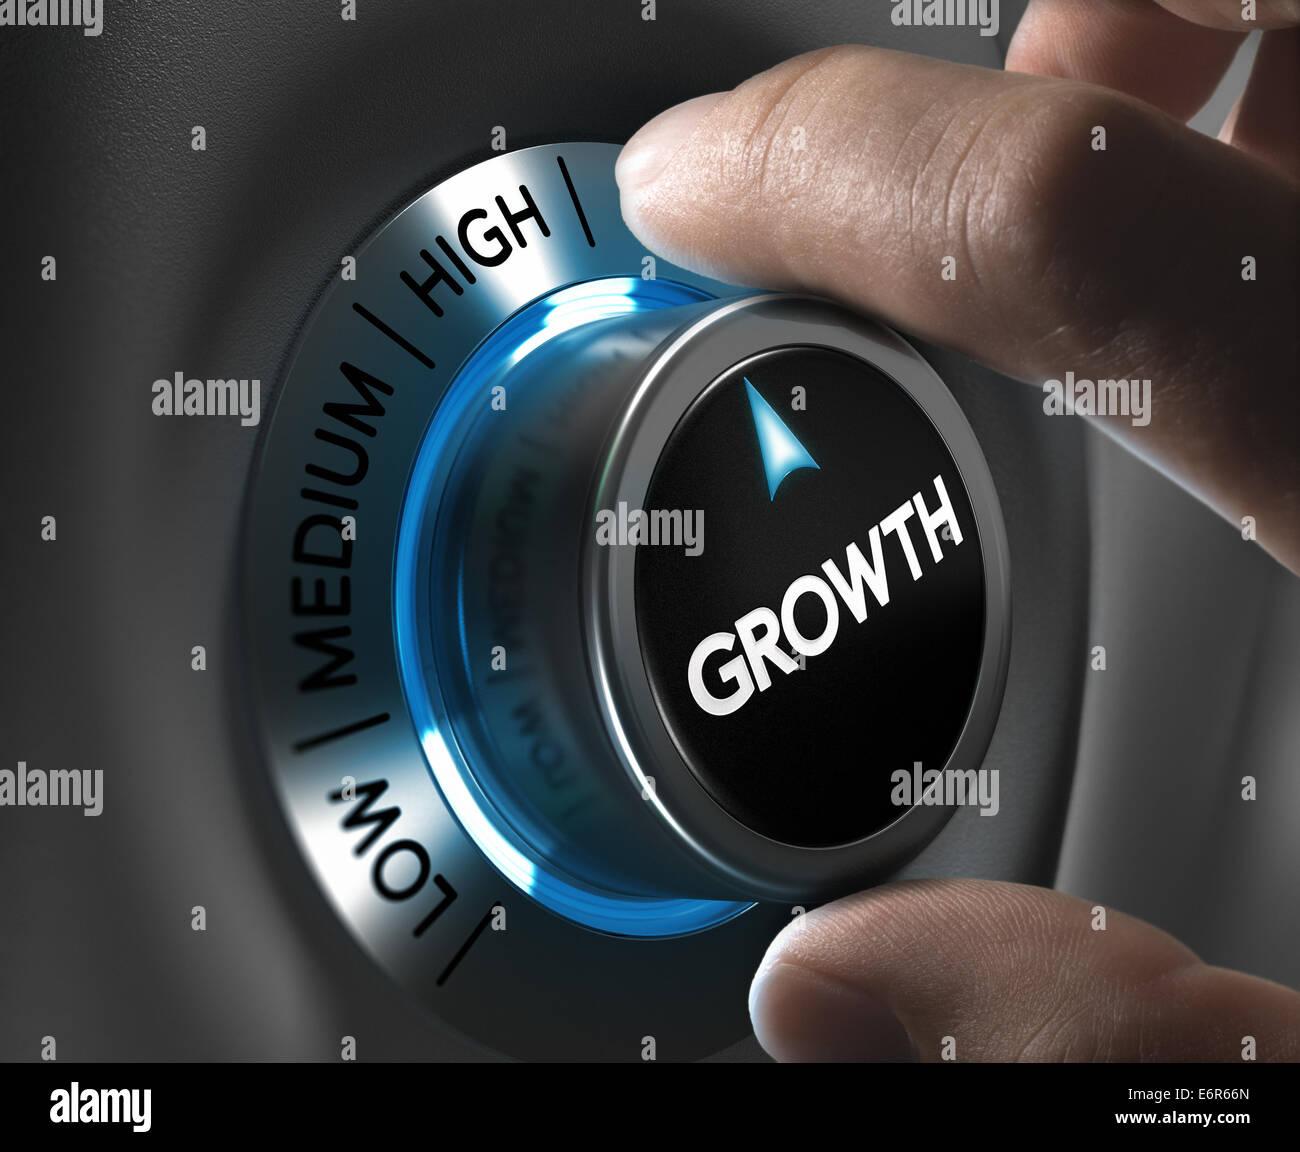 Bouton de croissance vers la position la plus élevée avec deux doigts, bleu et gris, conceptual image Photo Stock